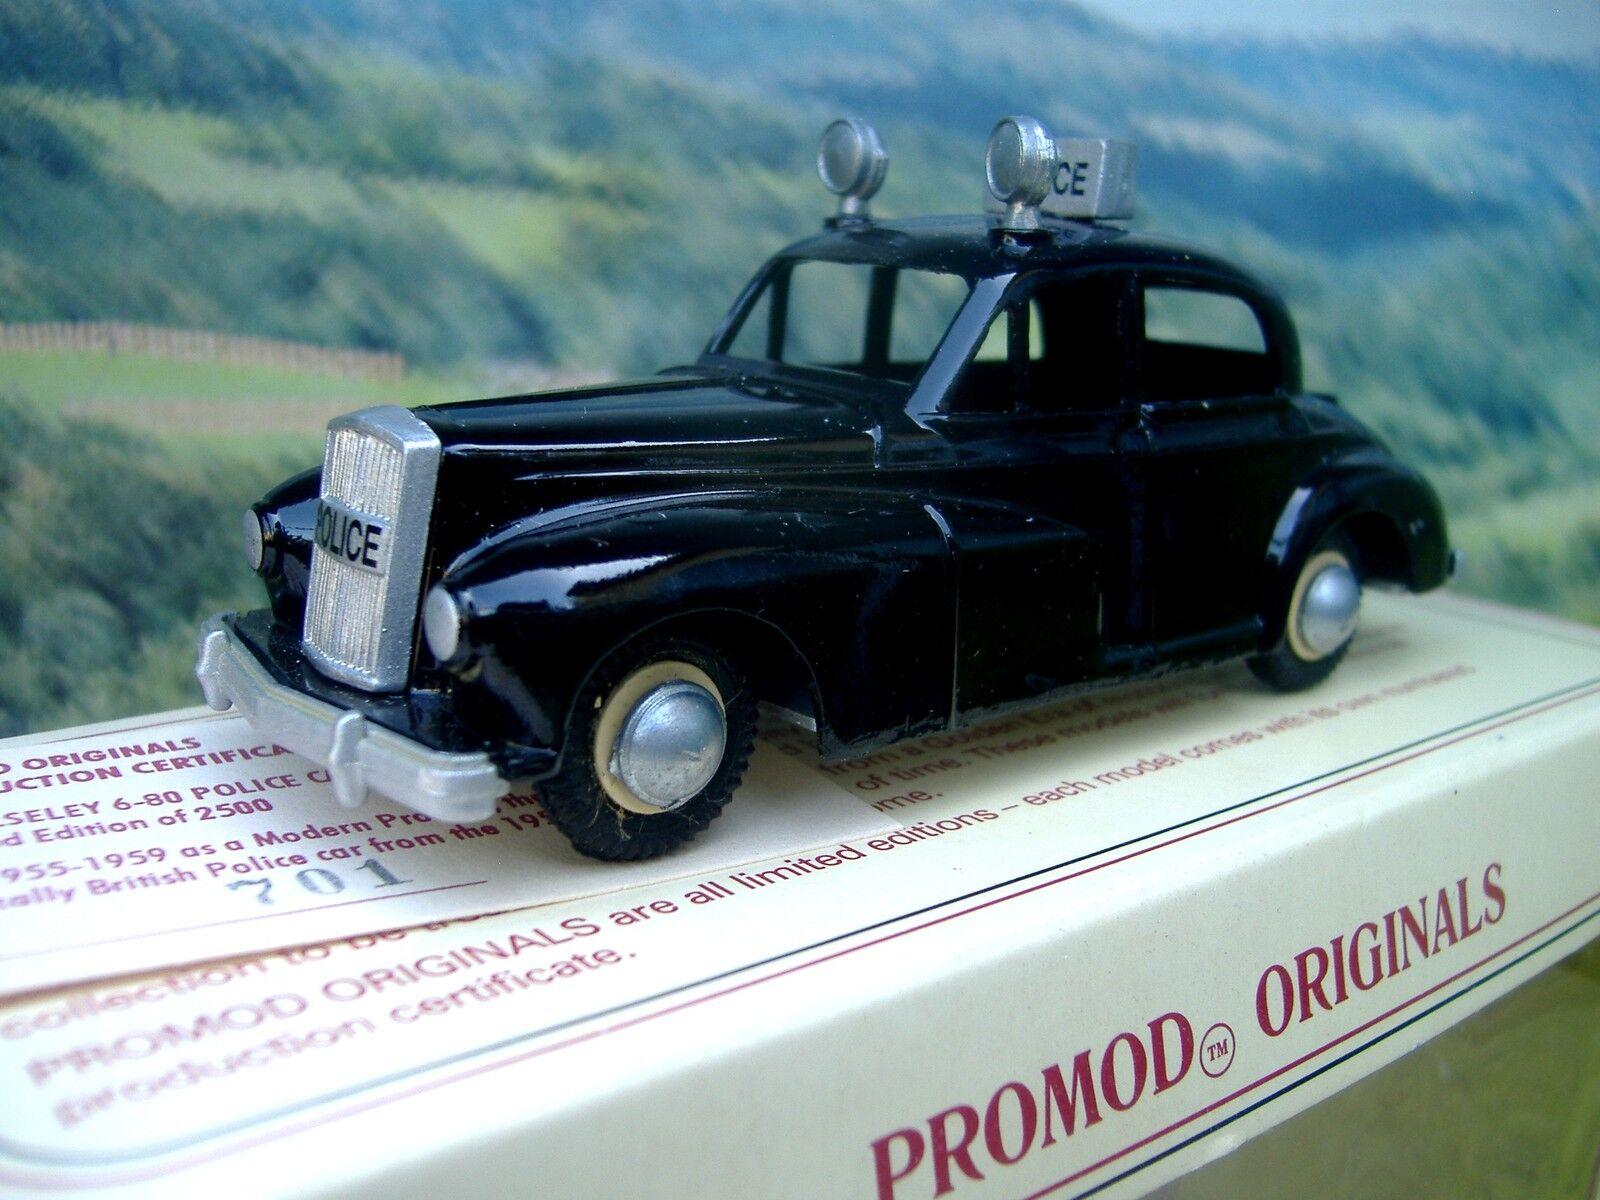 están haciendo actividades de descuento 1 43 Promod Promod Promod Originales (Inglaterra) Wolseley Policial  venta con alto descuento